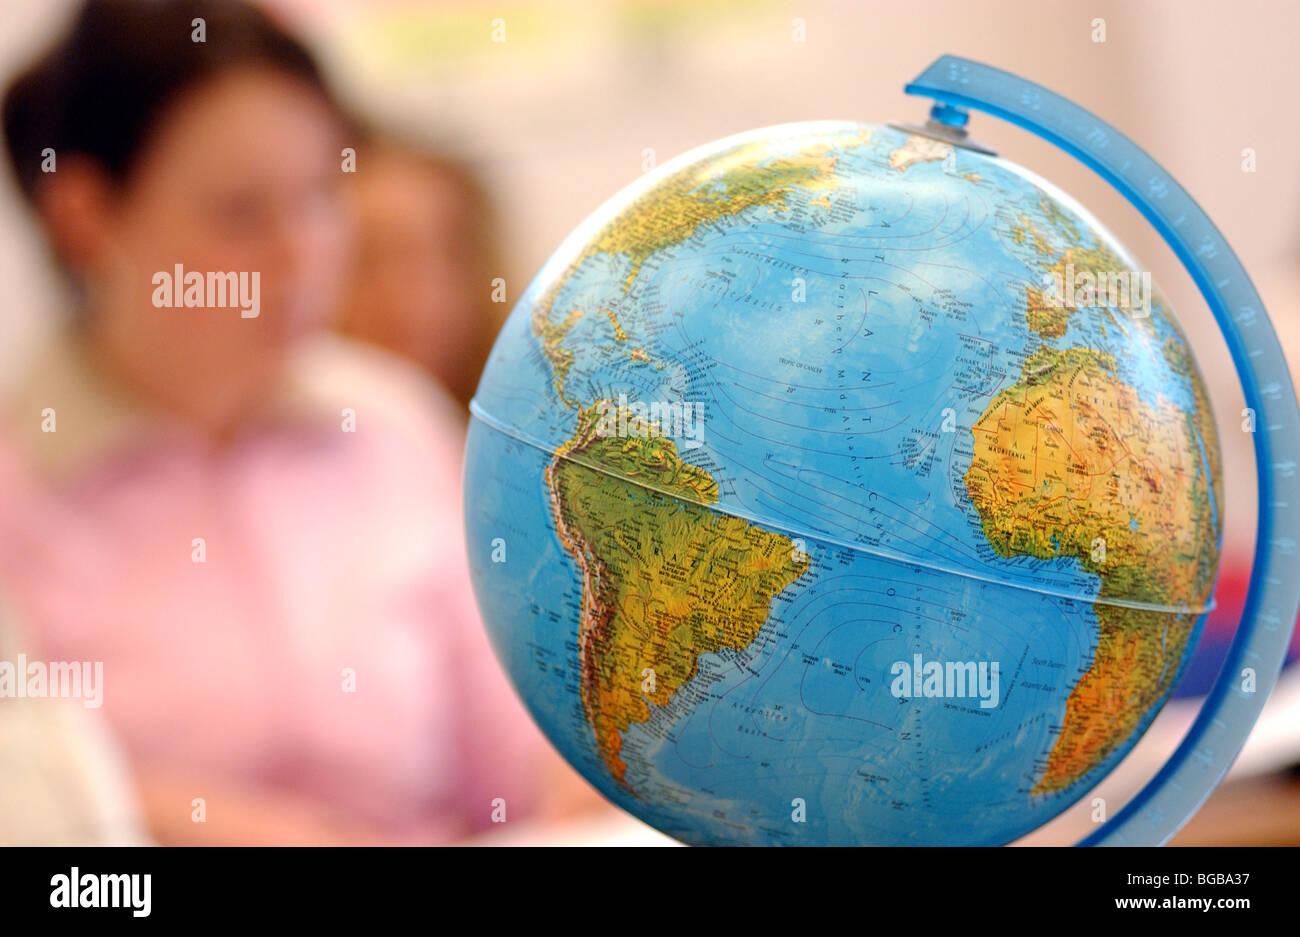 Image libre photo de classe des élèves globe géographie University college Photo Stock